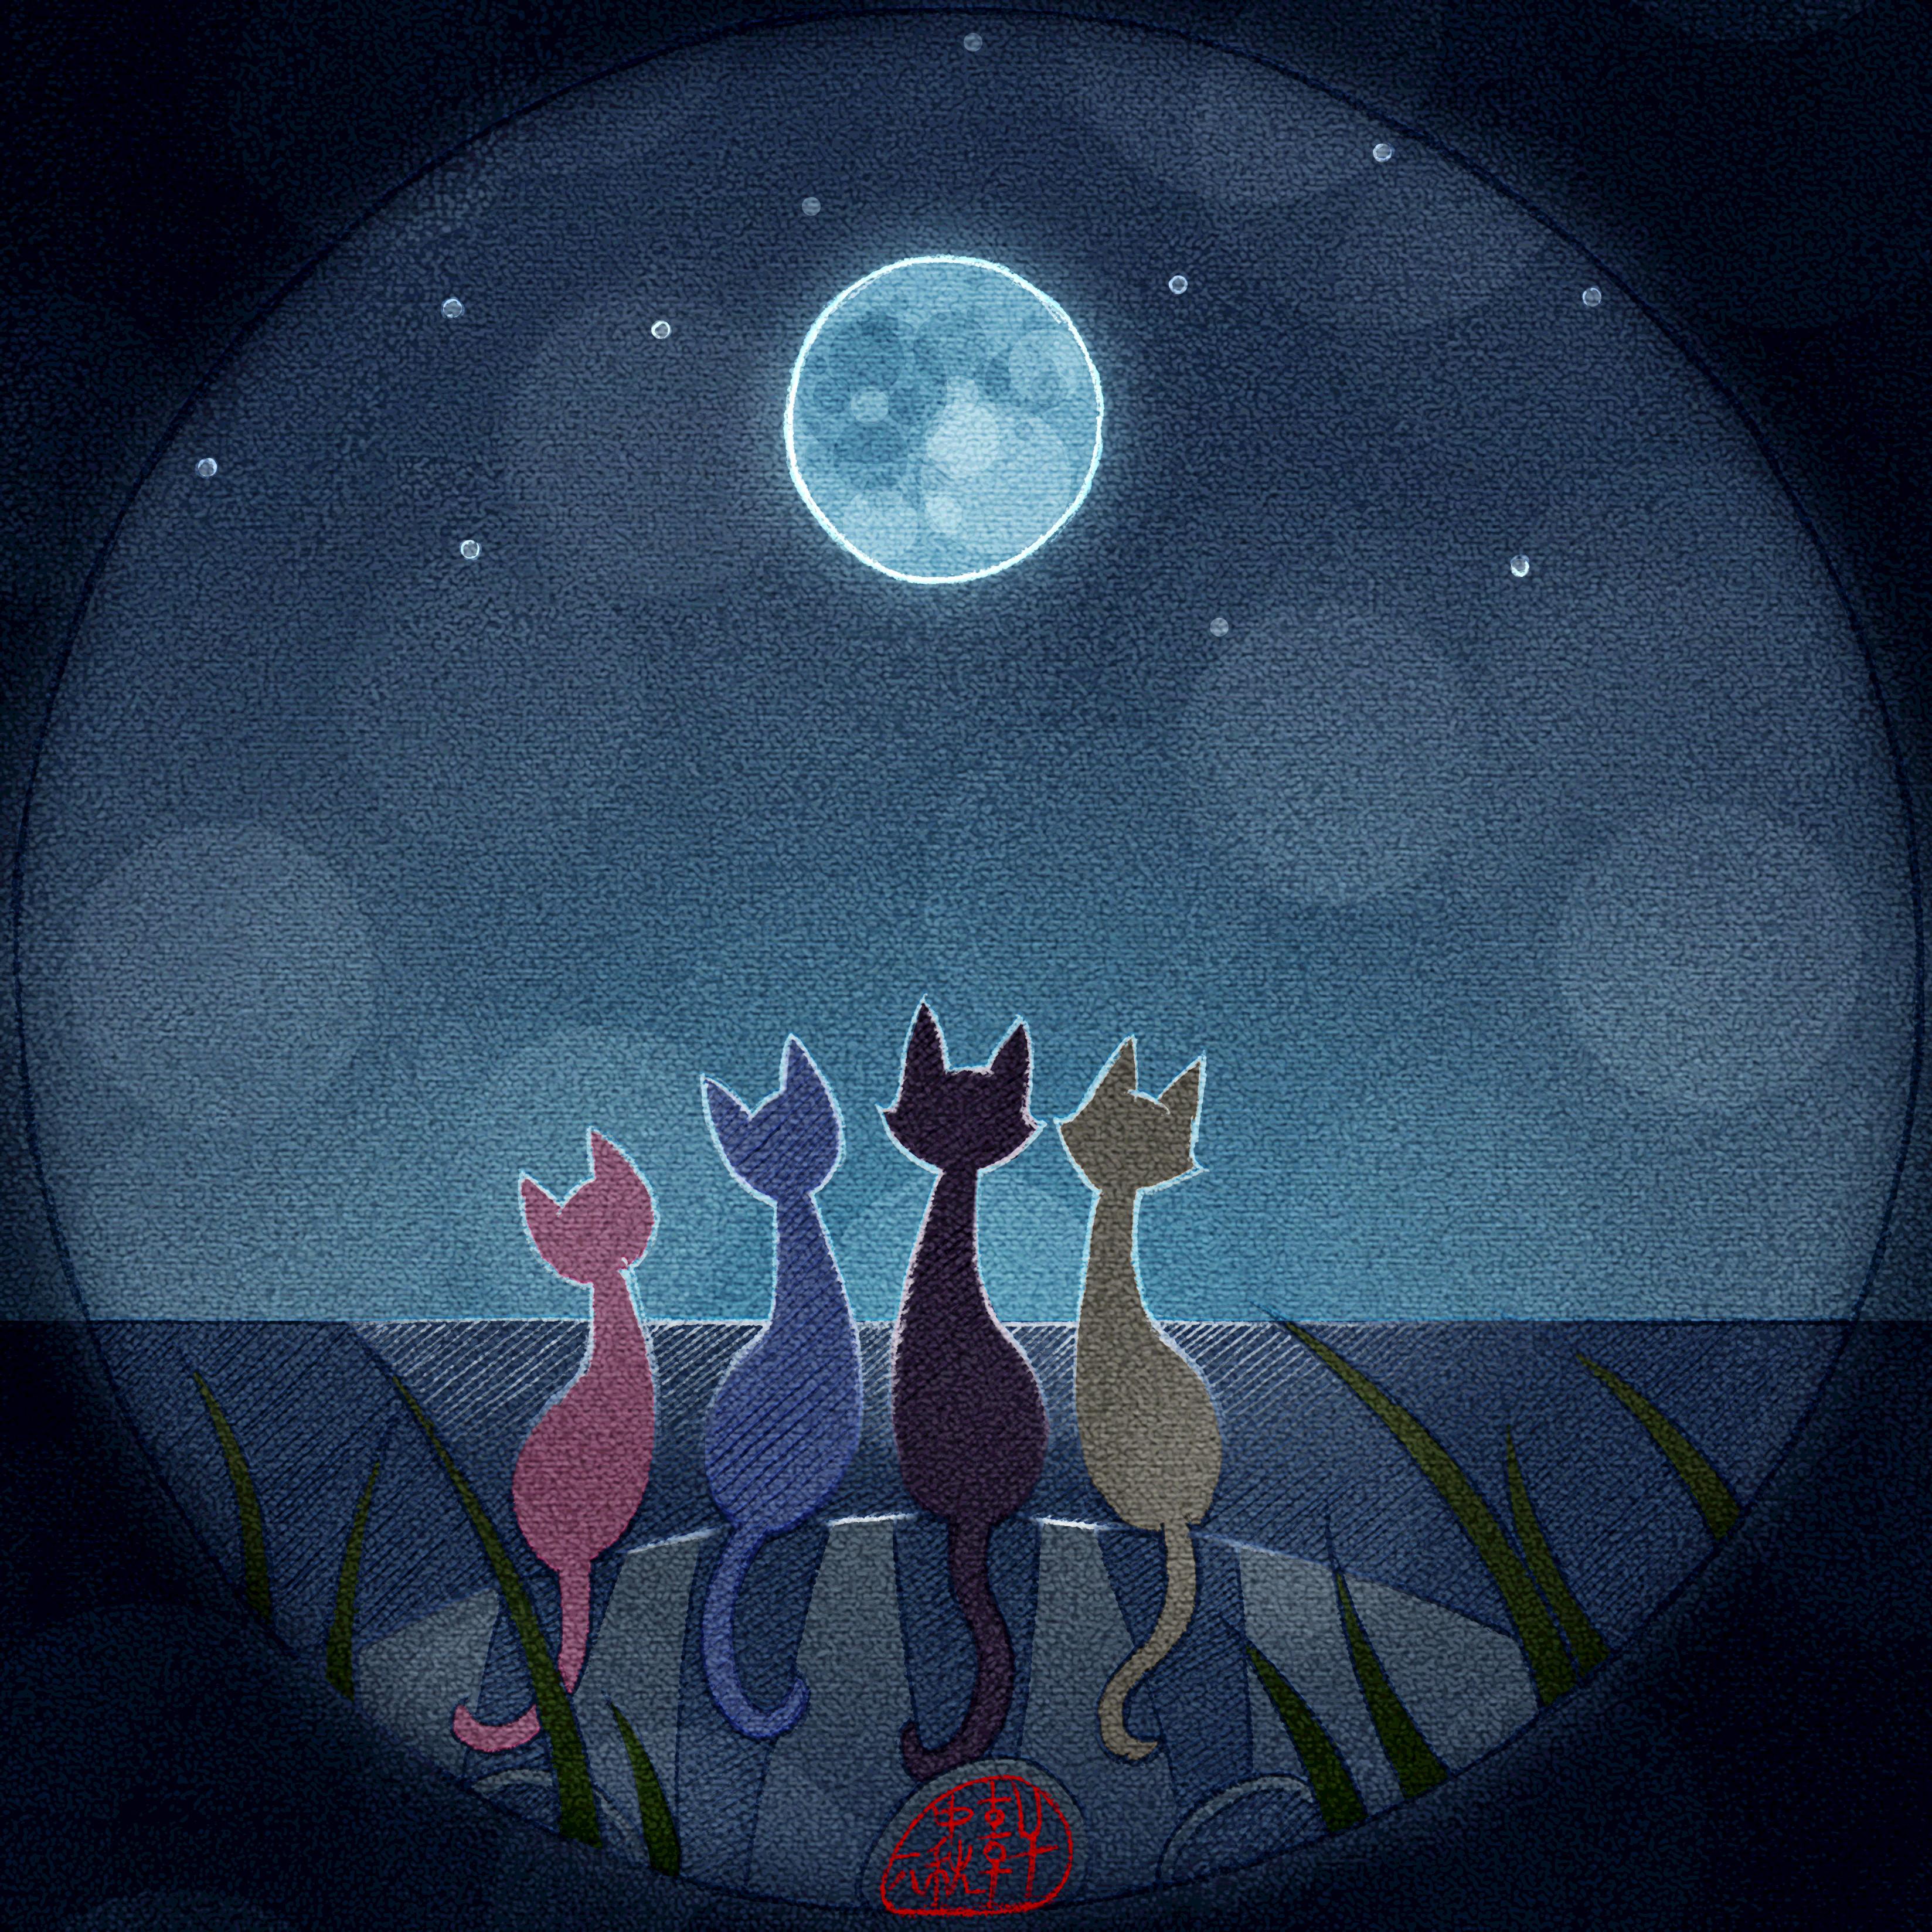 Day 09-24-18 - Moon Watching II